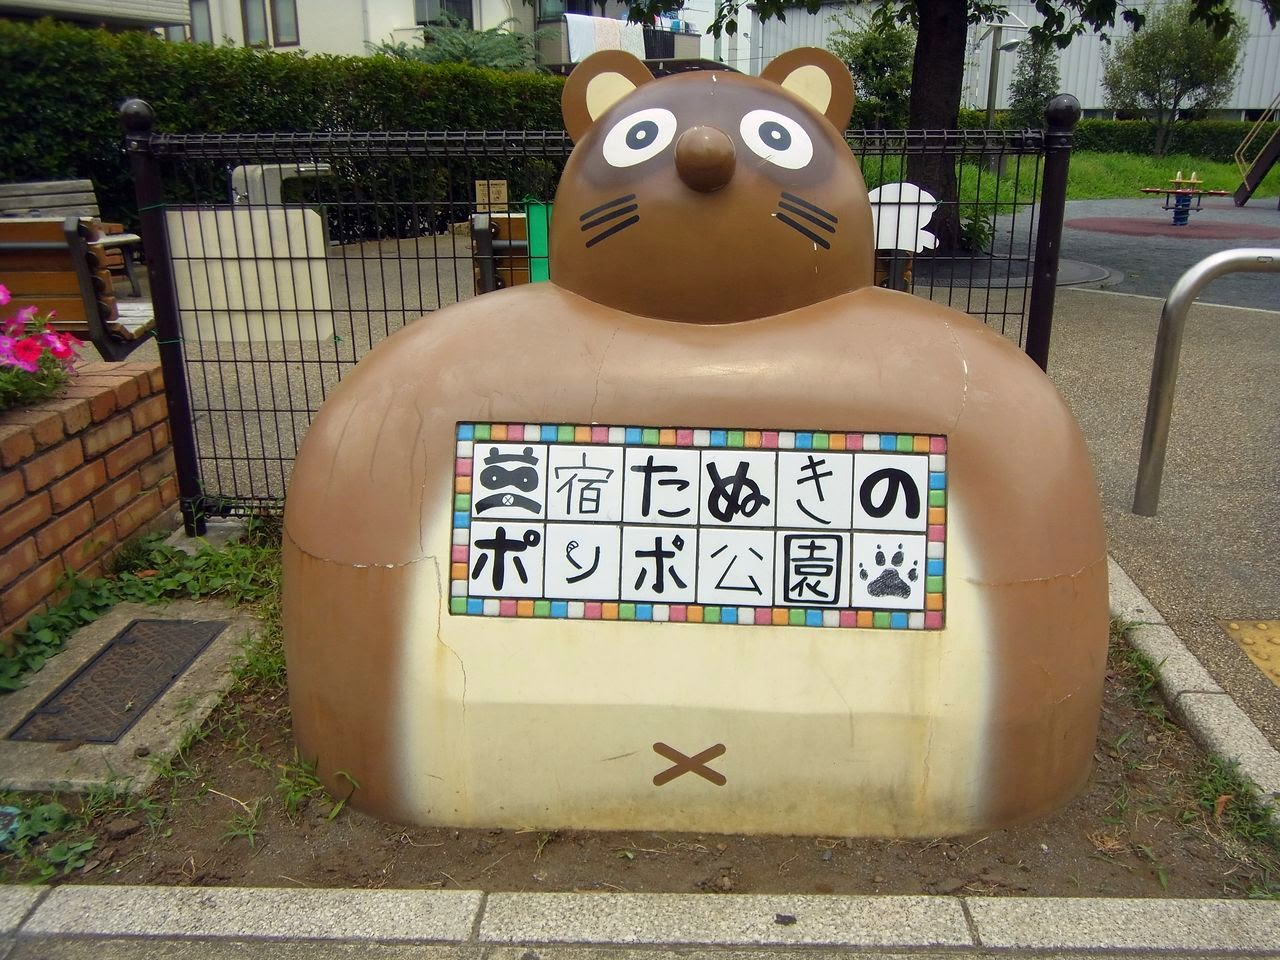 三宿たぬきのポンポ公園(東京都世田谷区)